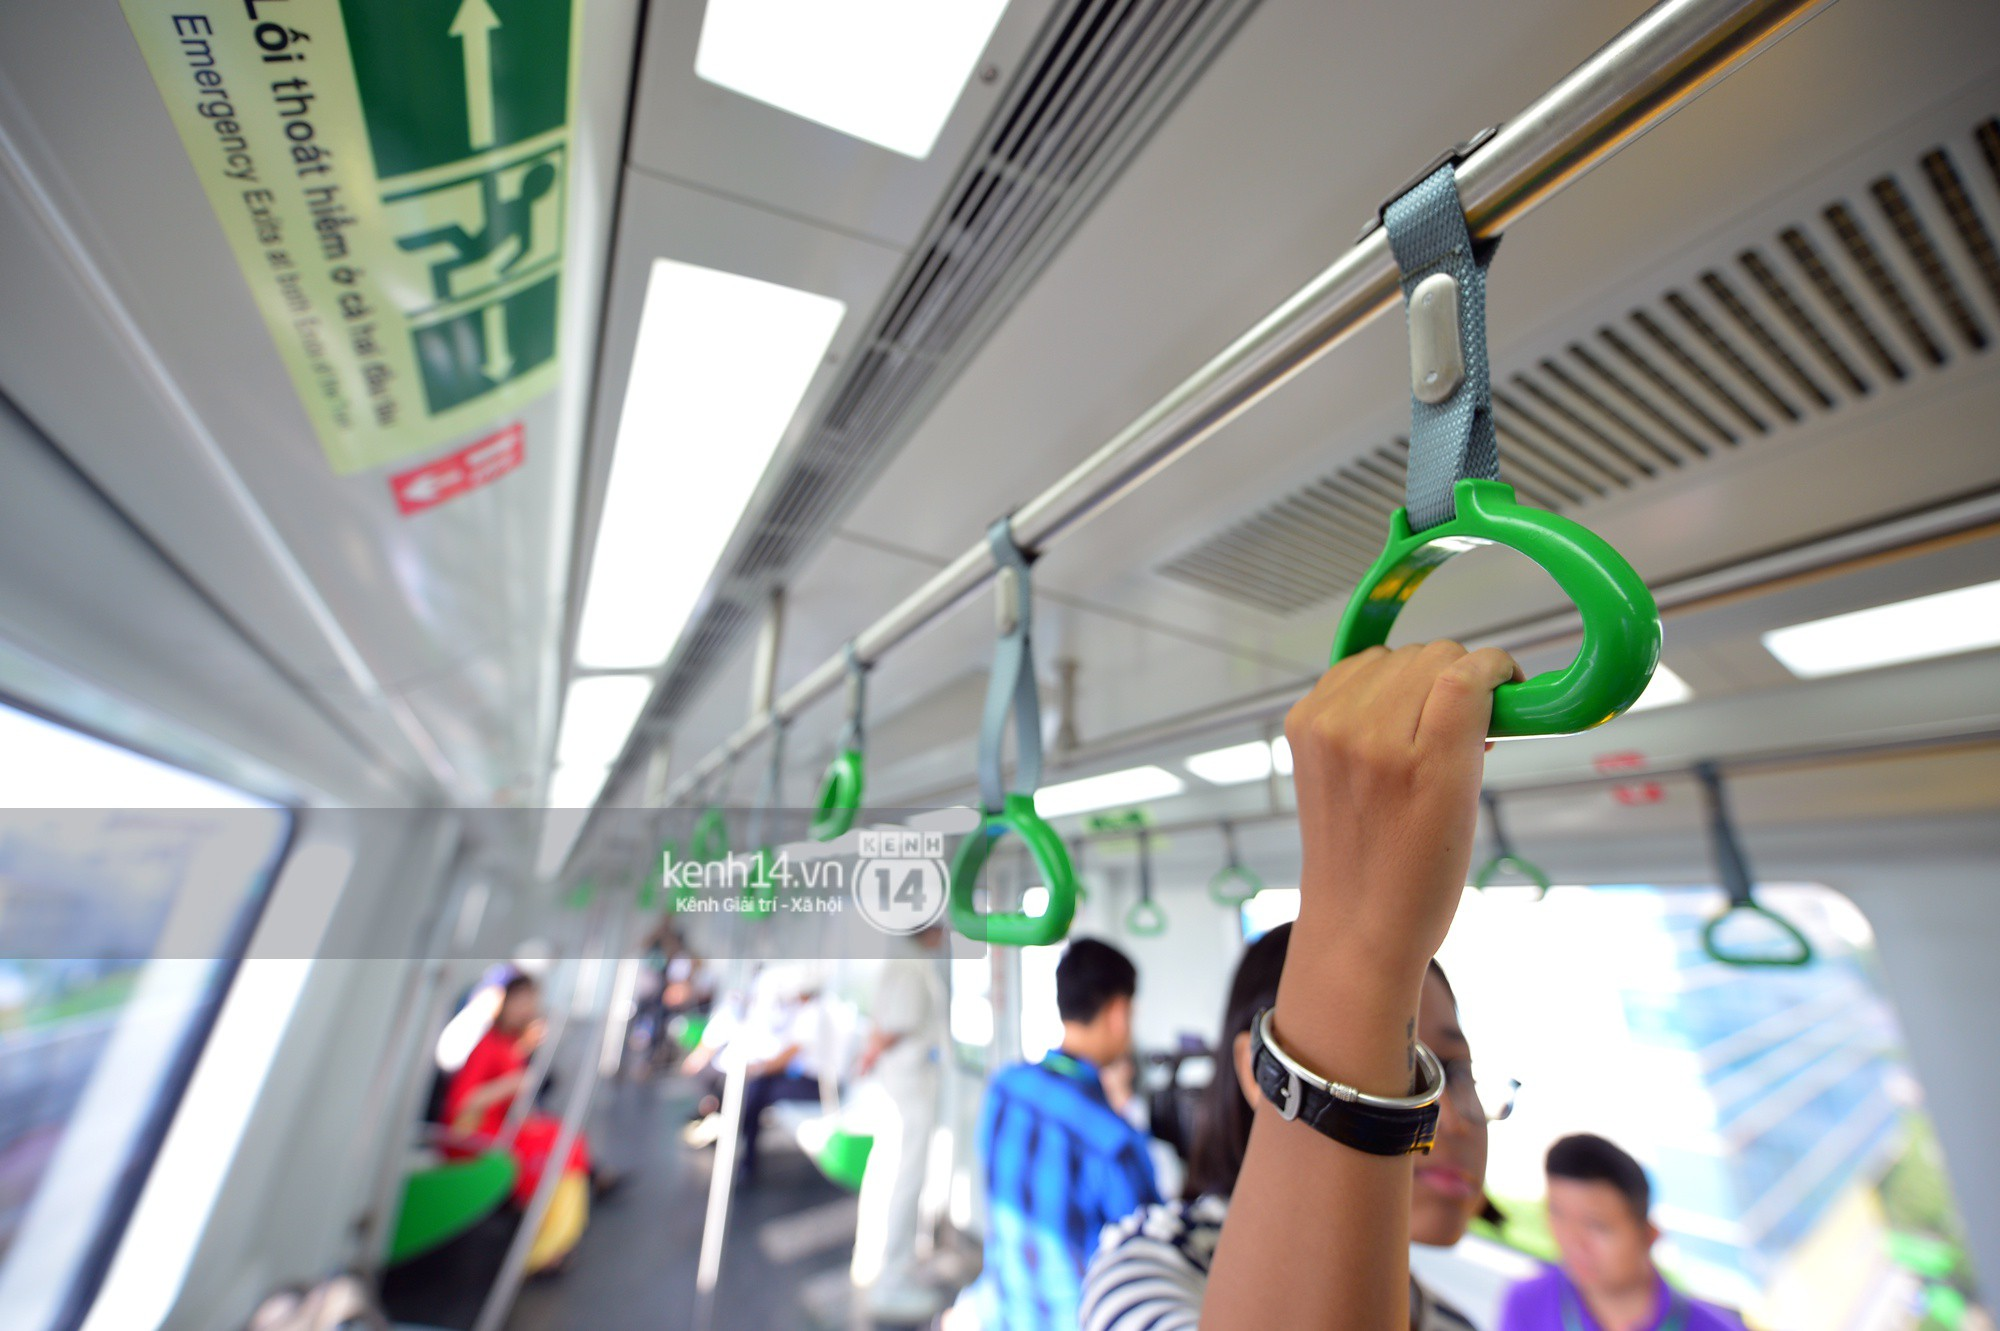 Trải nghiệm tàu đường sắt trên cao Cát Linh - Hà Đông ngày chạy thử - Ảnh 10.